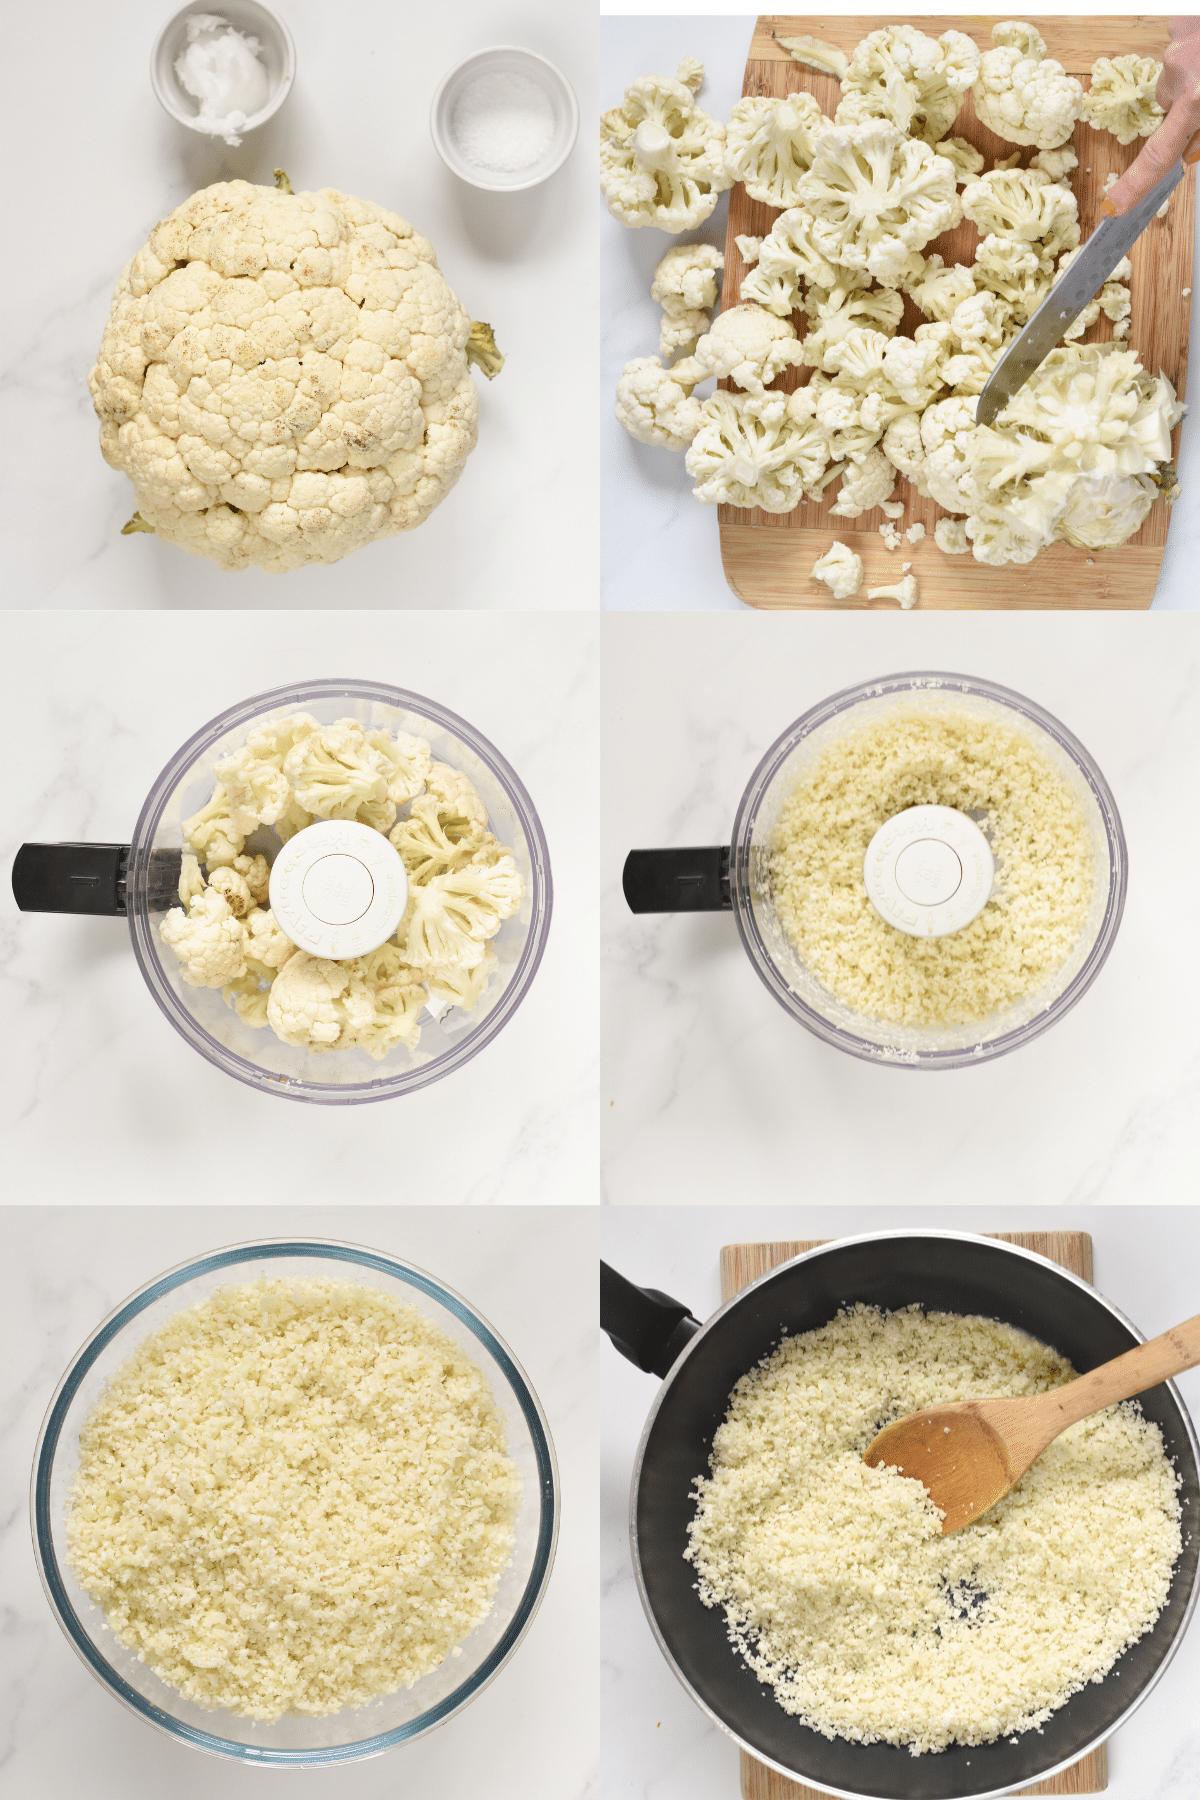 How To Make Keto Rice